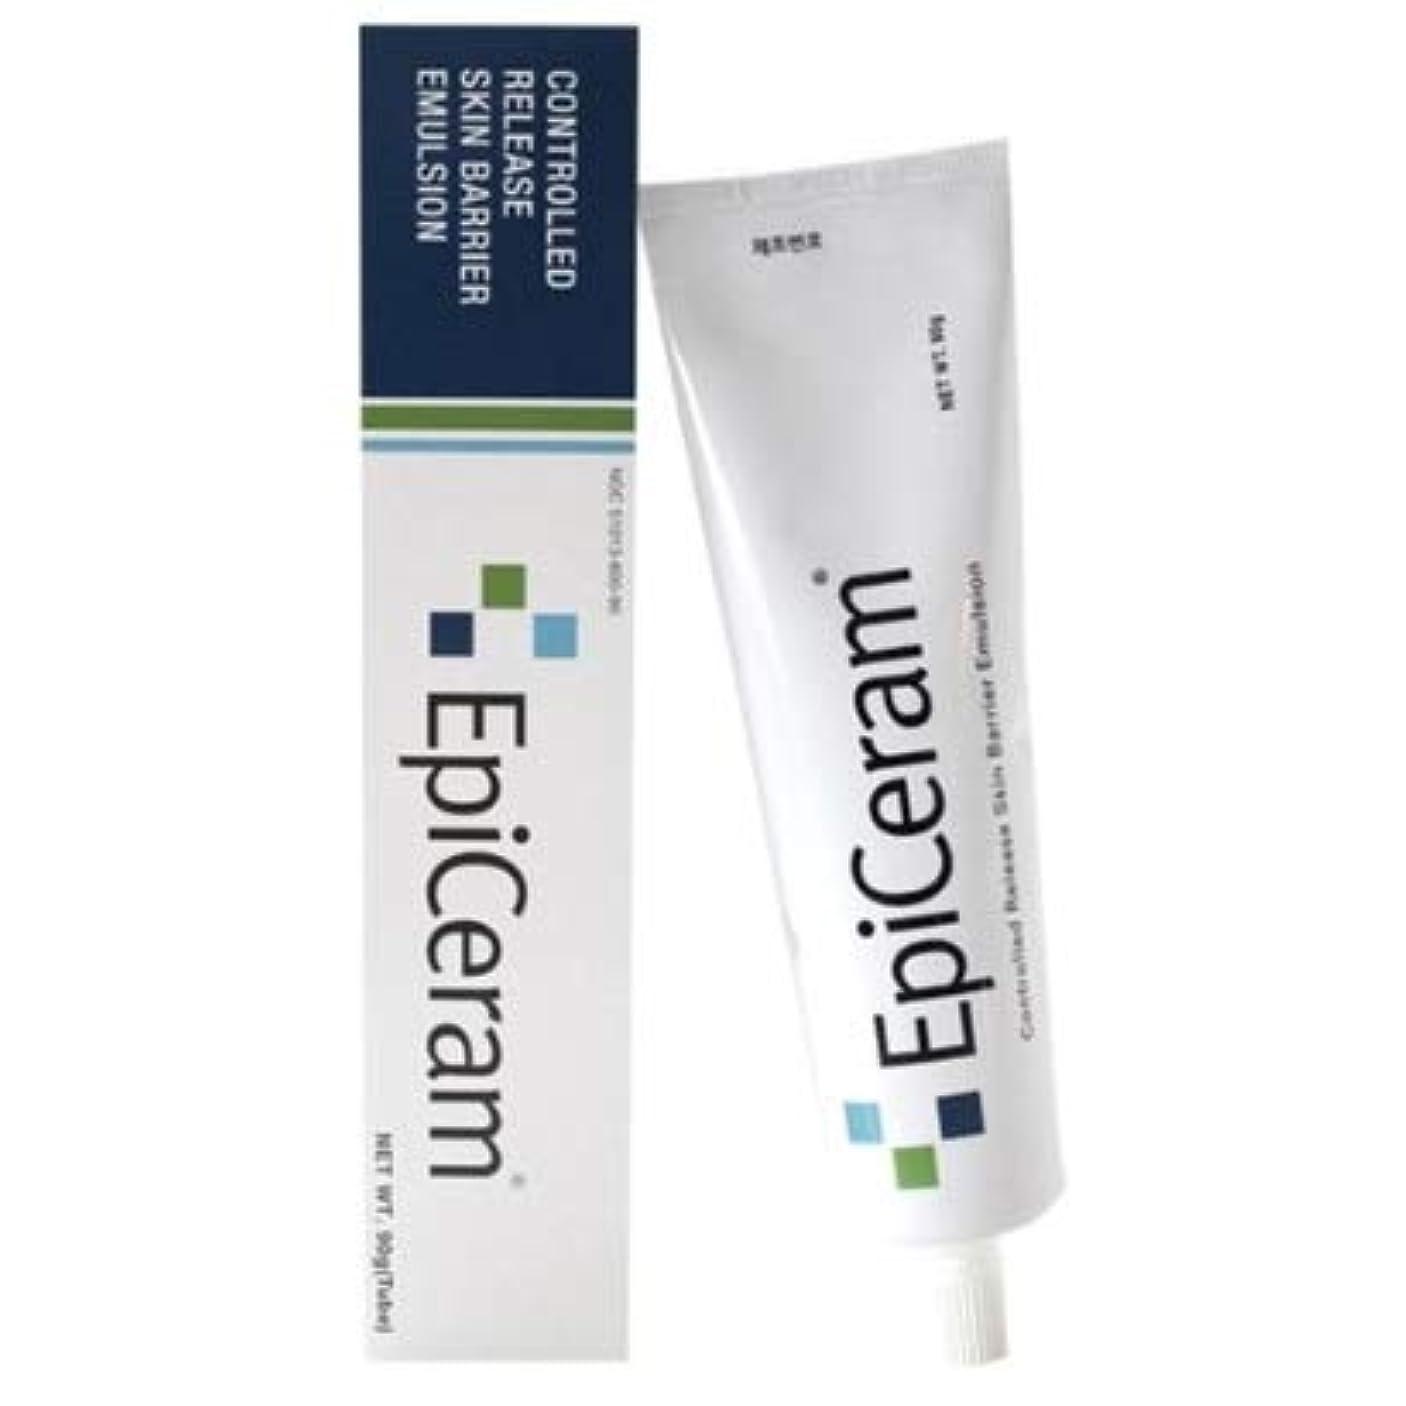 和ご注意消費者[Epiceram]日本発売記念セール(1000円割)! [ 非ステロイド/安全なアトピー1次治療剤-米FDA承認 ] Epiceram エッピセラム 90g. Skin Barrier Emulsion. X Mask...